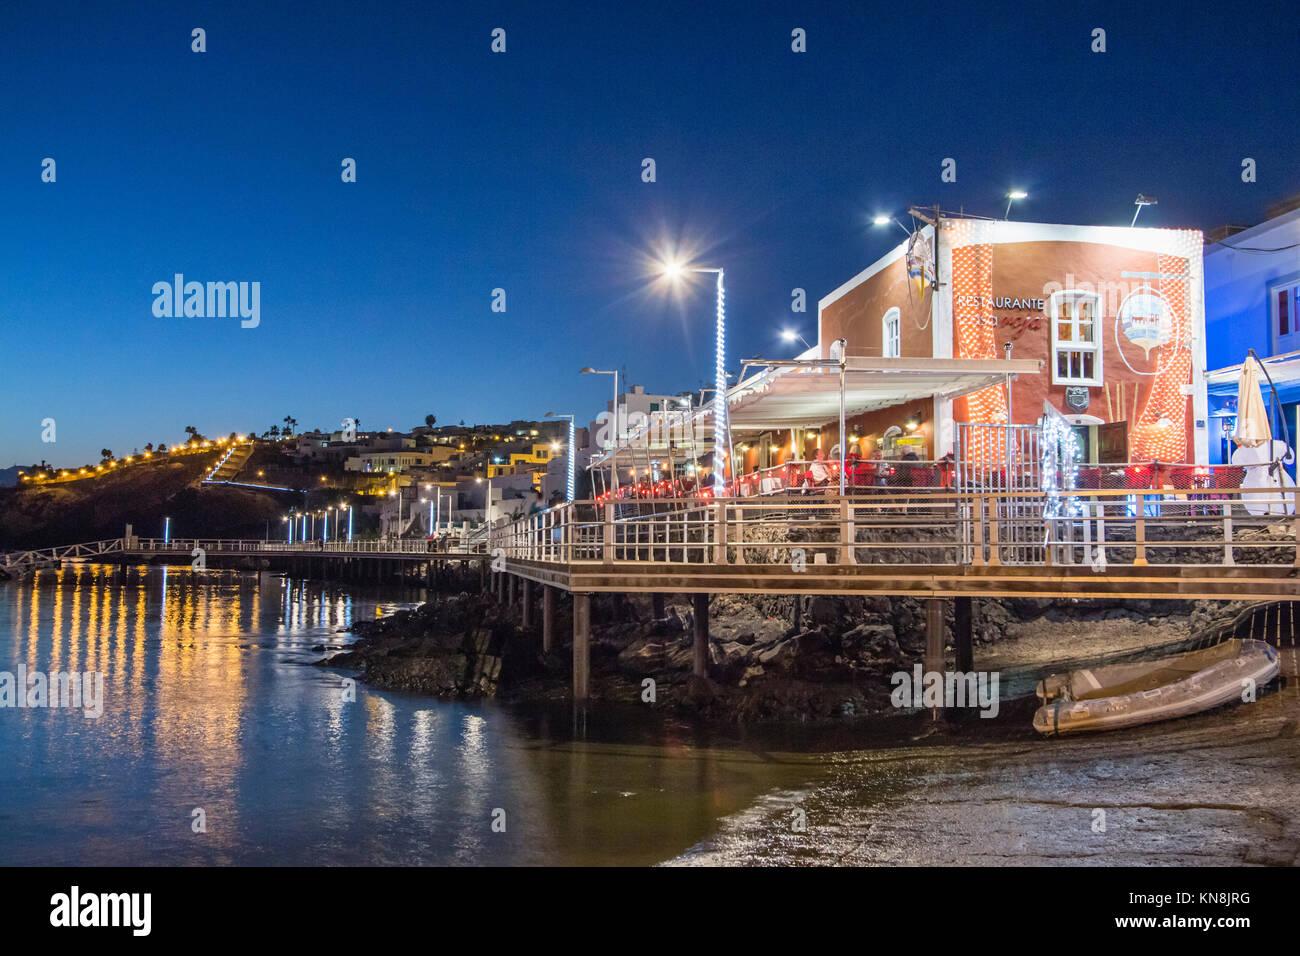 Restaurant Casa Roja, Puerto del Carmen, Lanzarote, Canary Islands, Spain - Stock Image